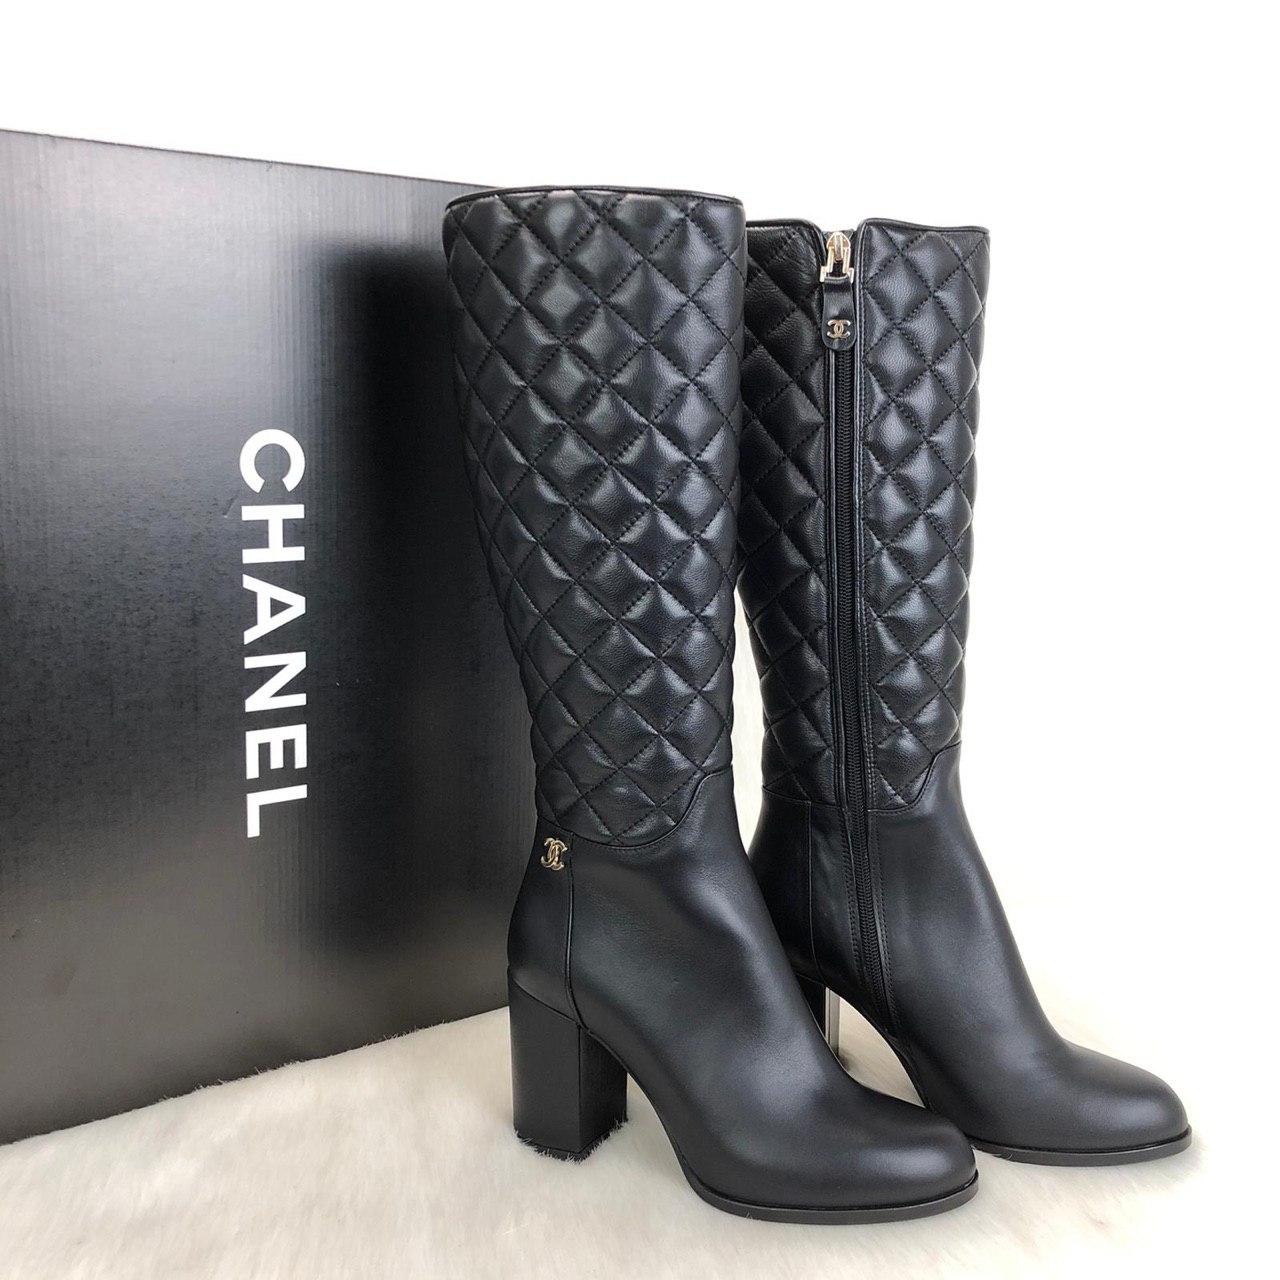 Canta Nisantasi Chanel Ayakkabi Deri Cizme Ithal